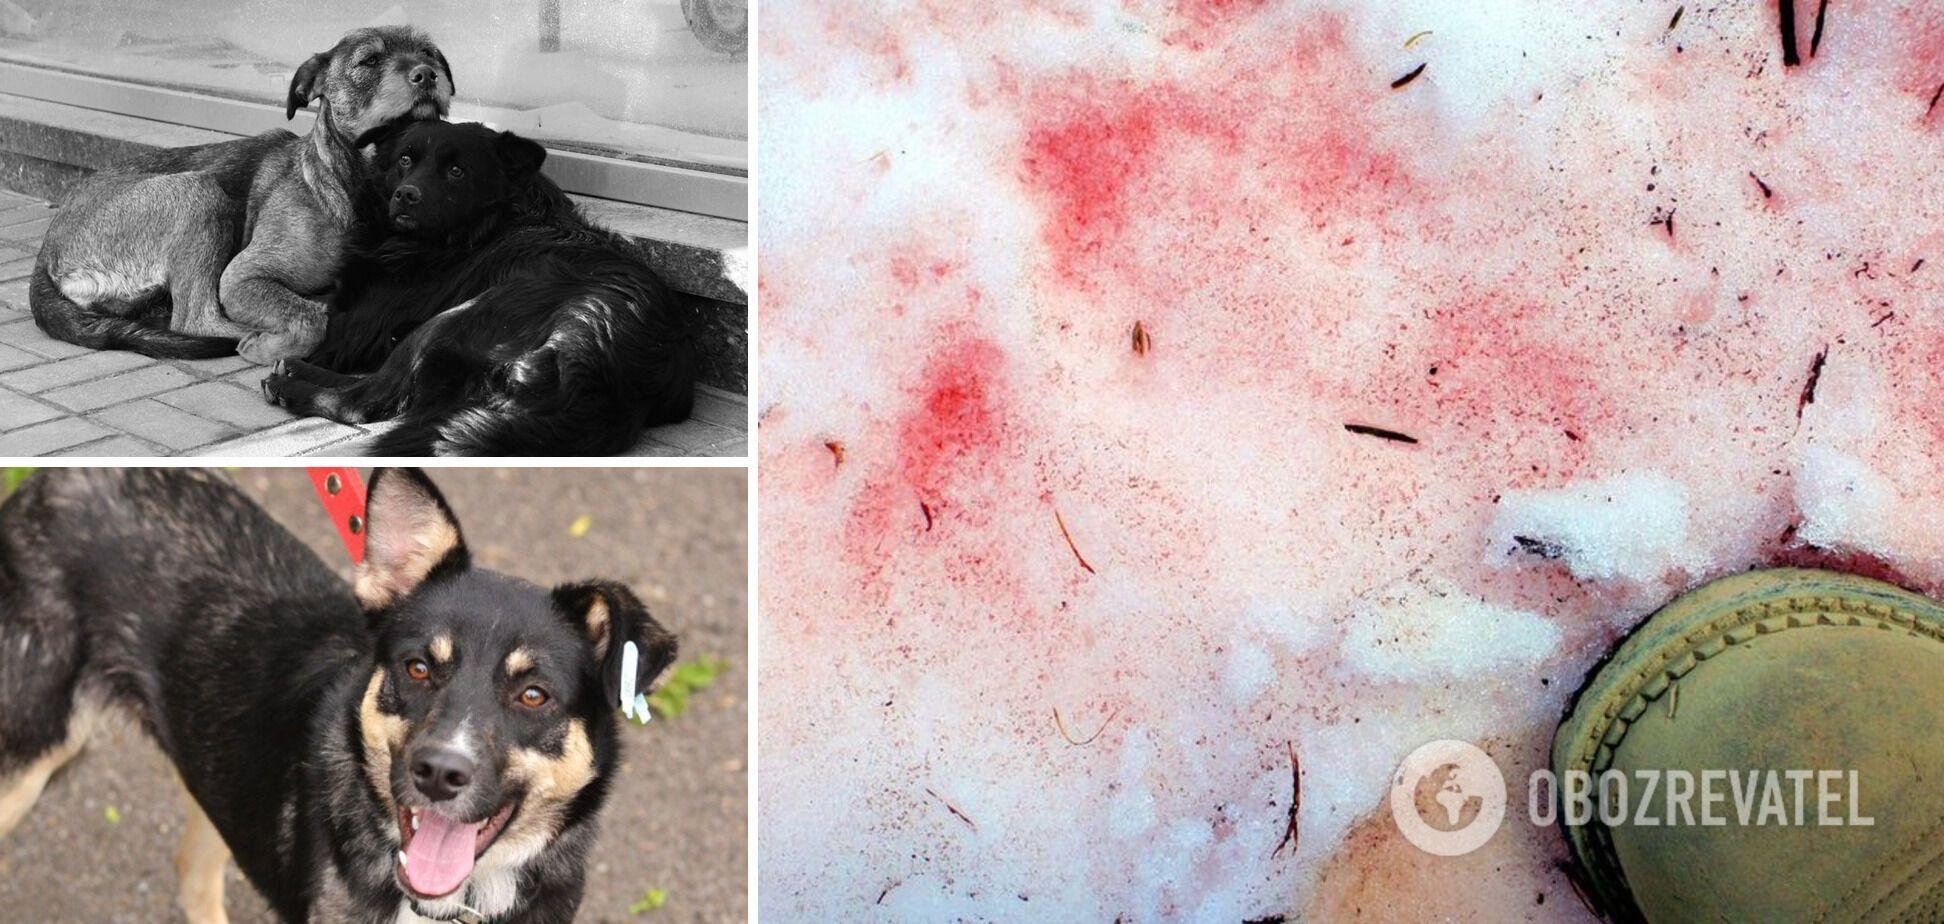 В Киеве переполох из-за отравления собак 'розовым снегом': как уберечь домашних любимцев